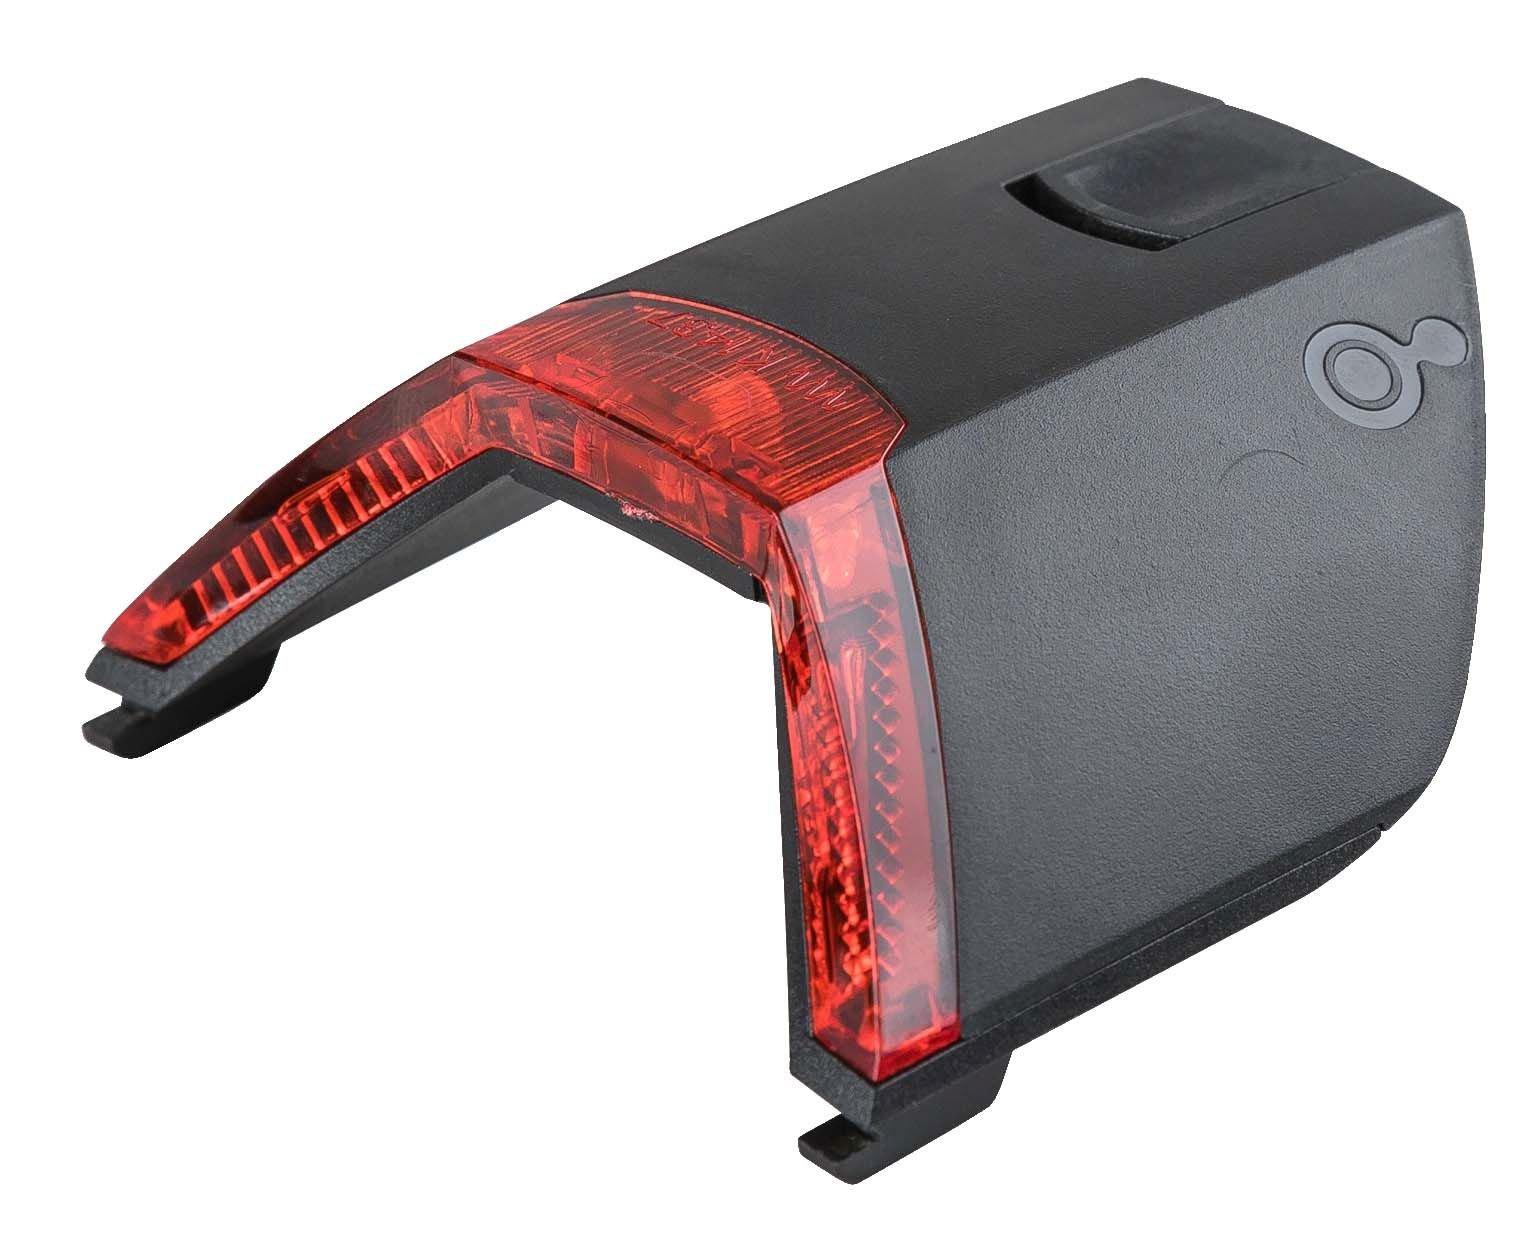 batterielicht hinten/Beleuchtung: MonkeyLink  Radschutz-Rücklicht FenderLight Rear Recharge (nur über USB aufladbar)